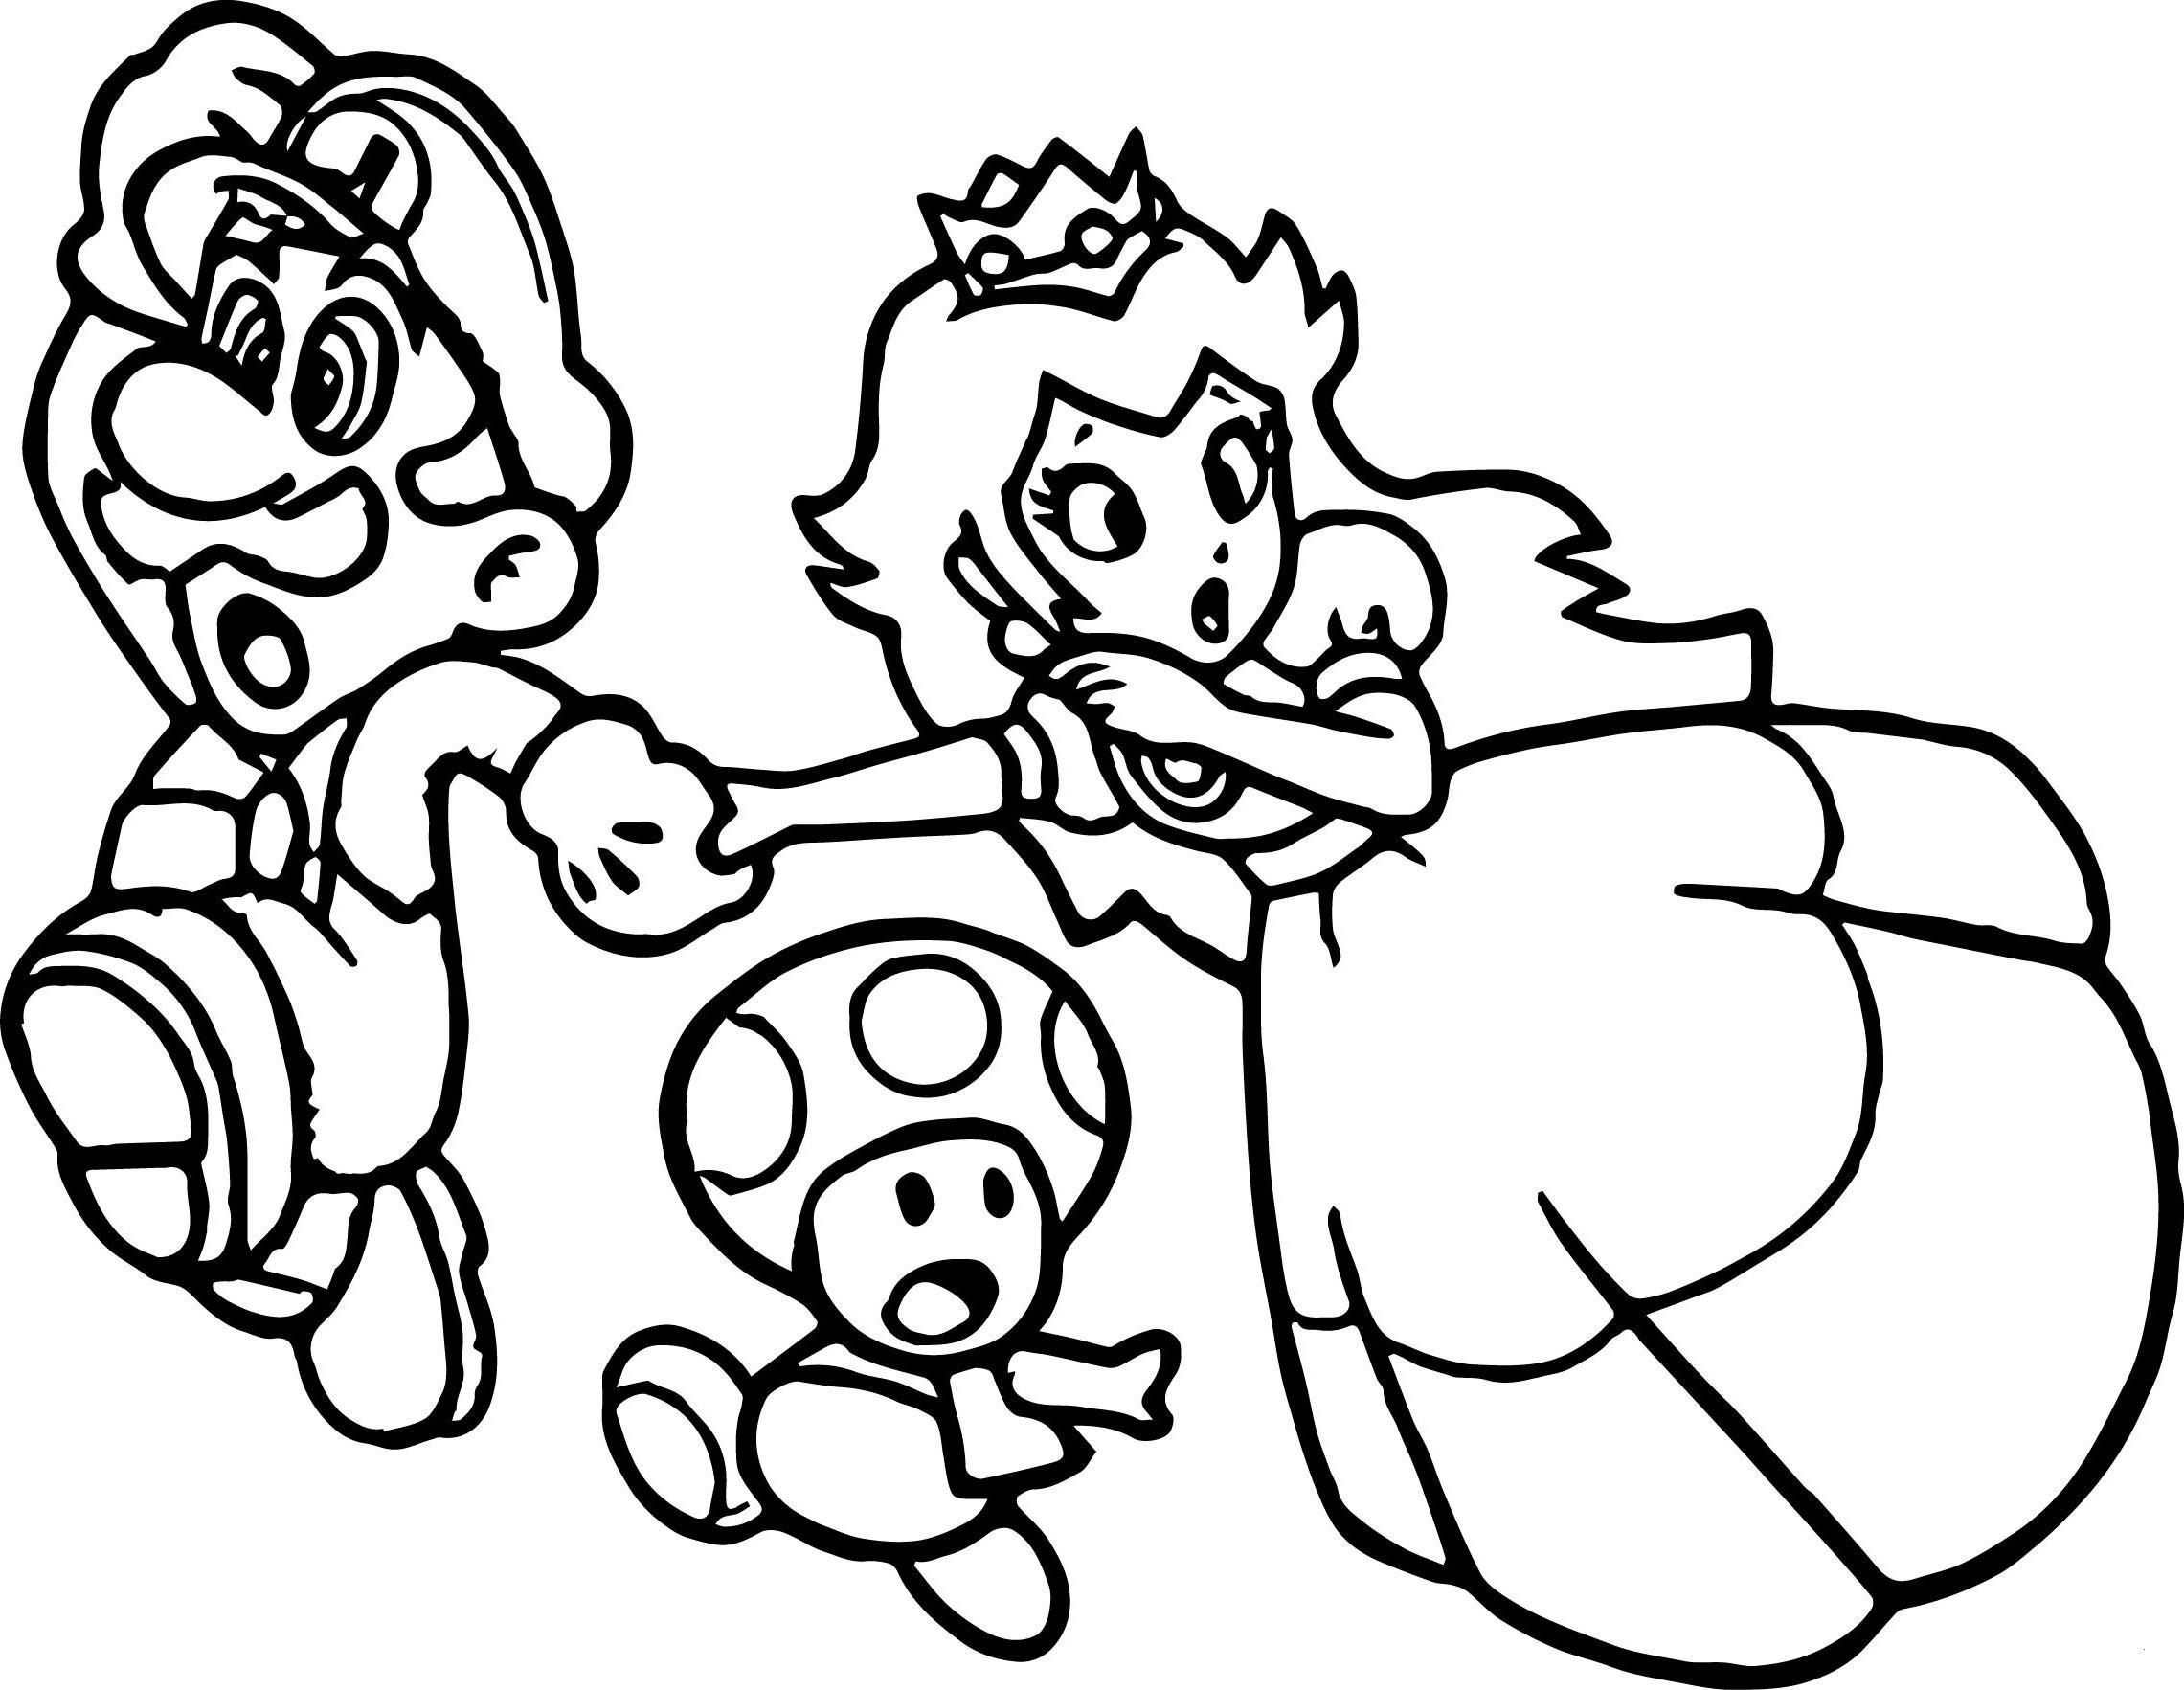 Super Mario Malvorlagen Frisch 28 Inspirierend Ausmalbild Super Mario – Malvorlagen Ideen Das Bild